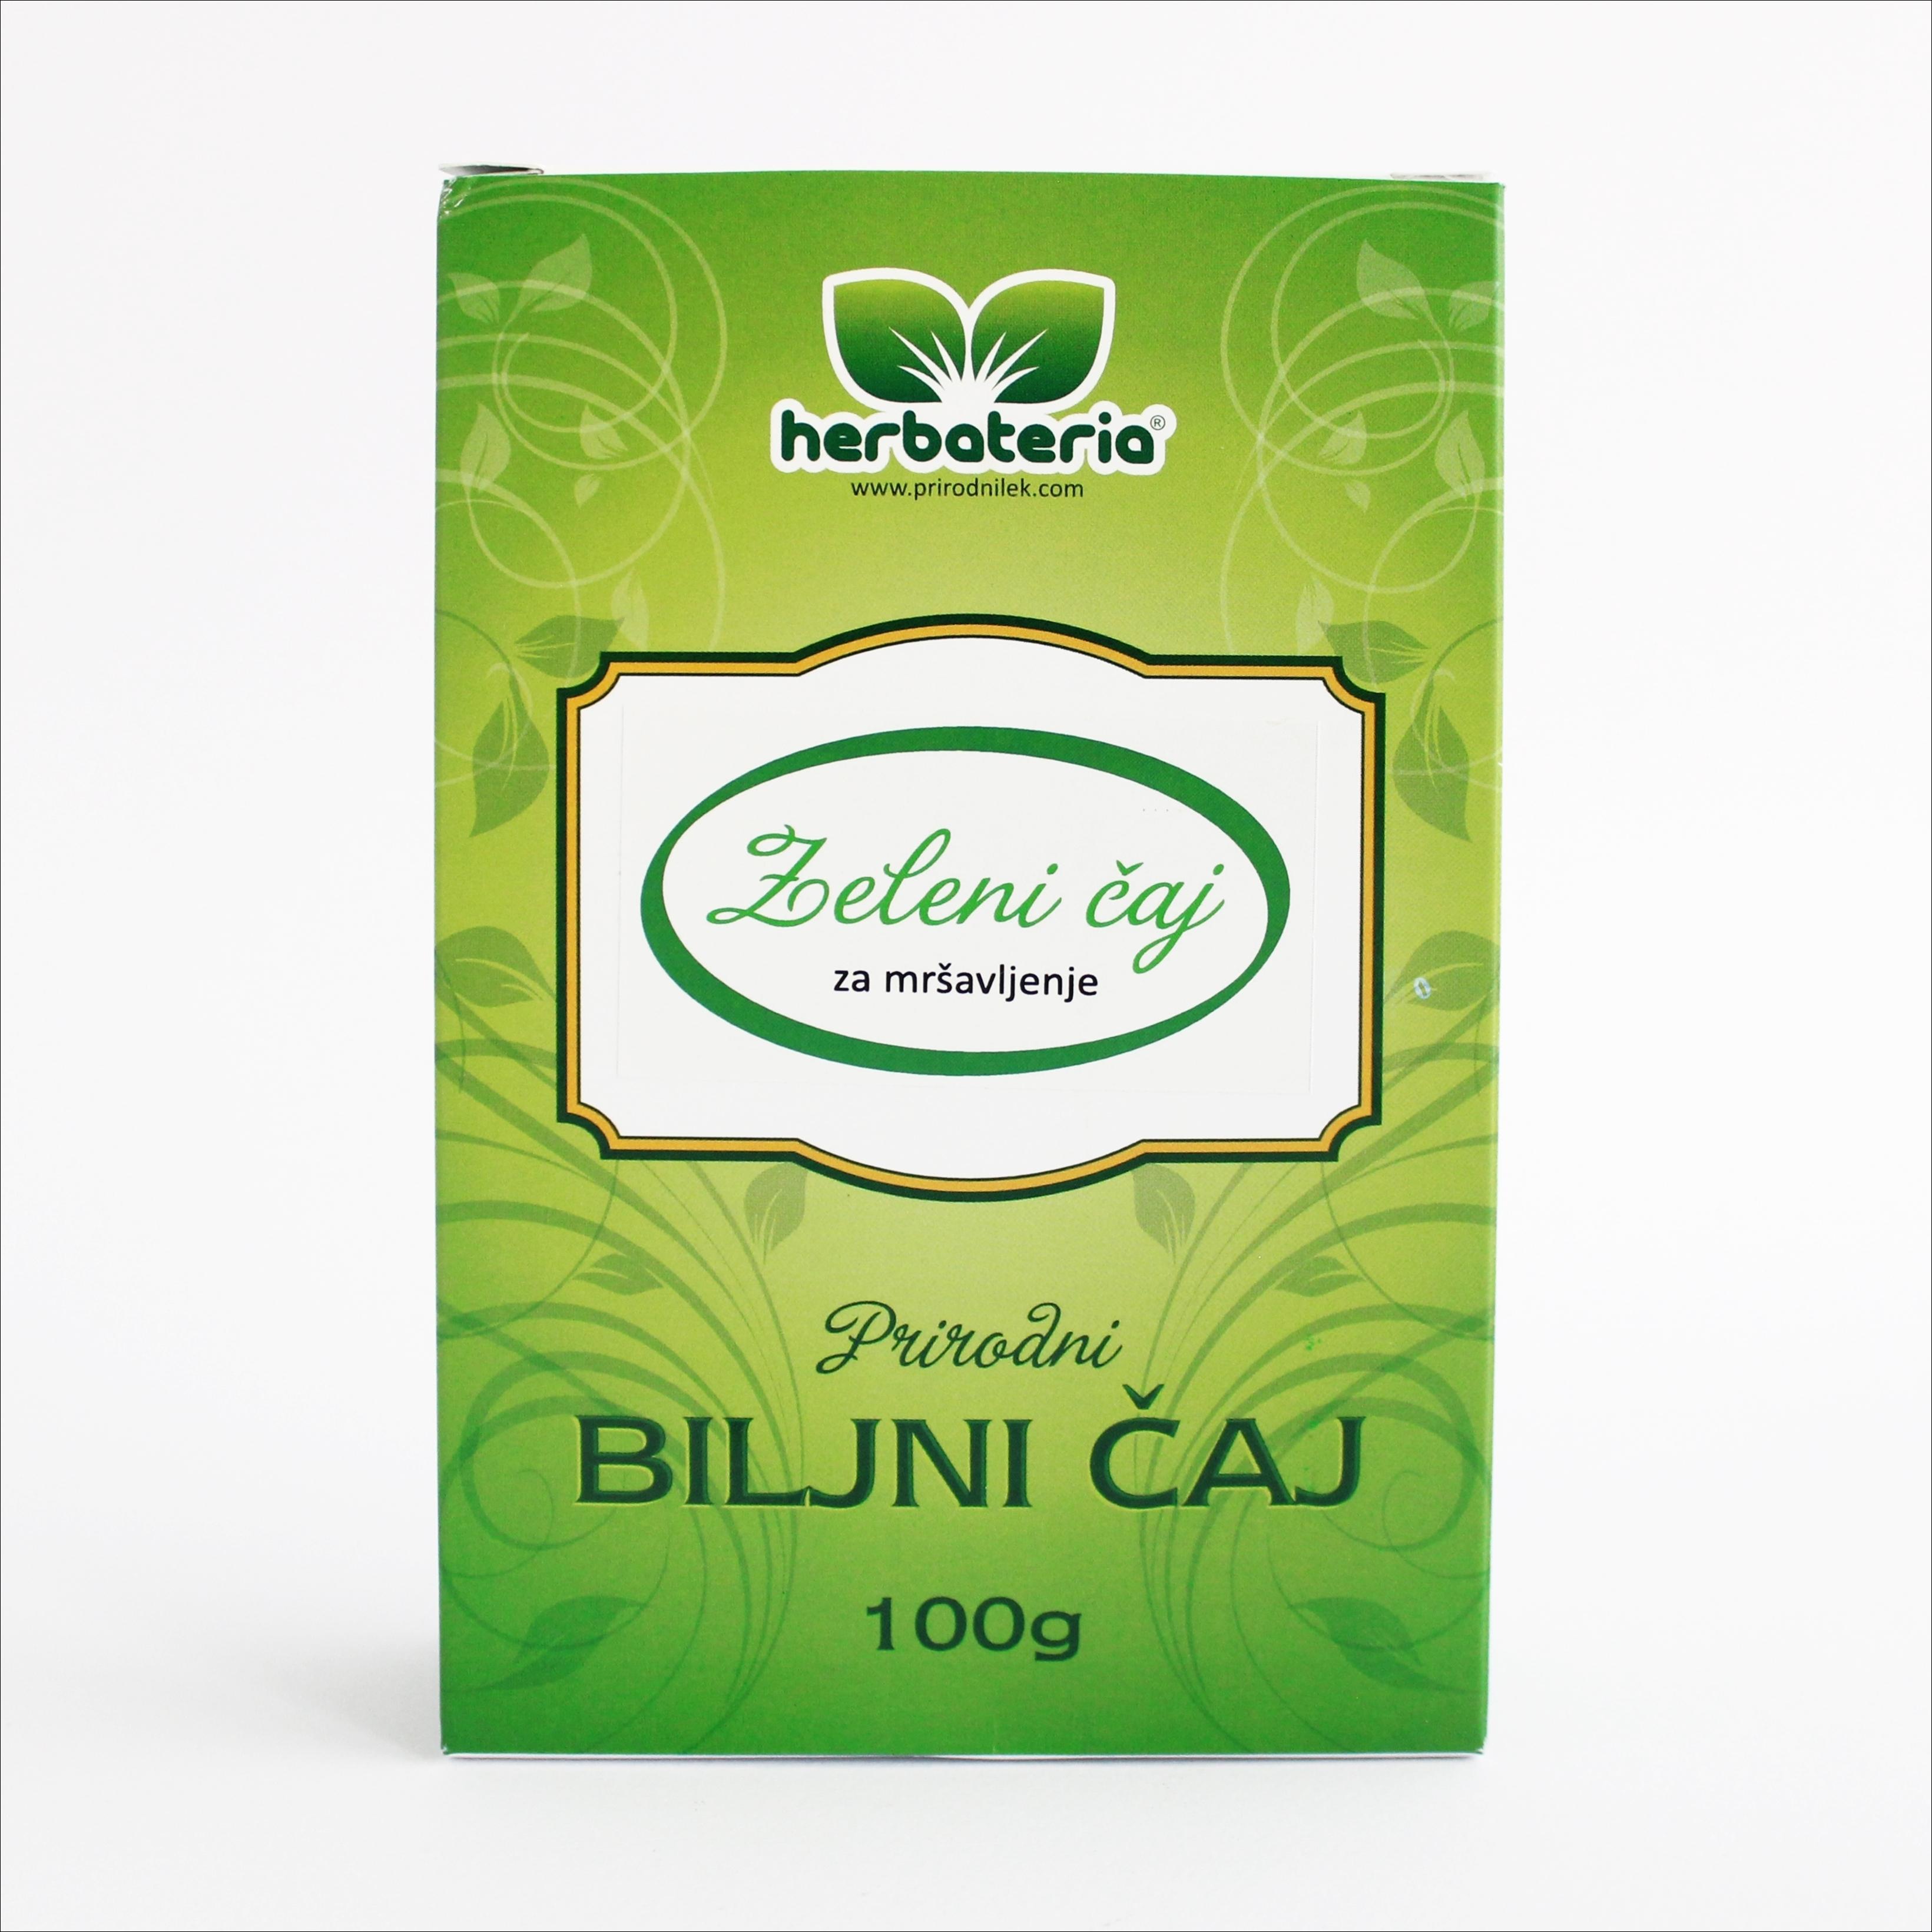 Herbateria - Zeleni čaj za mršavljenje 00104